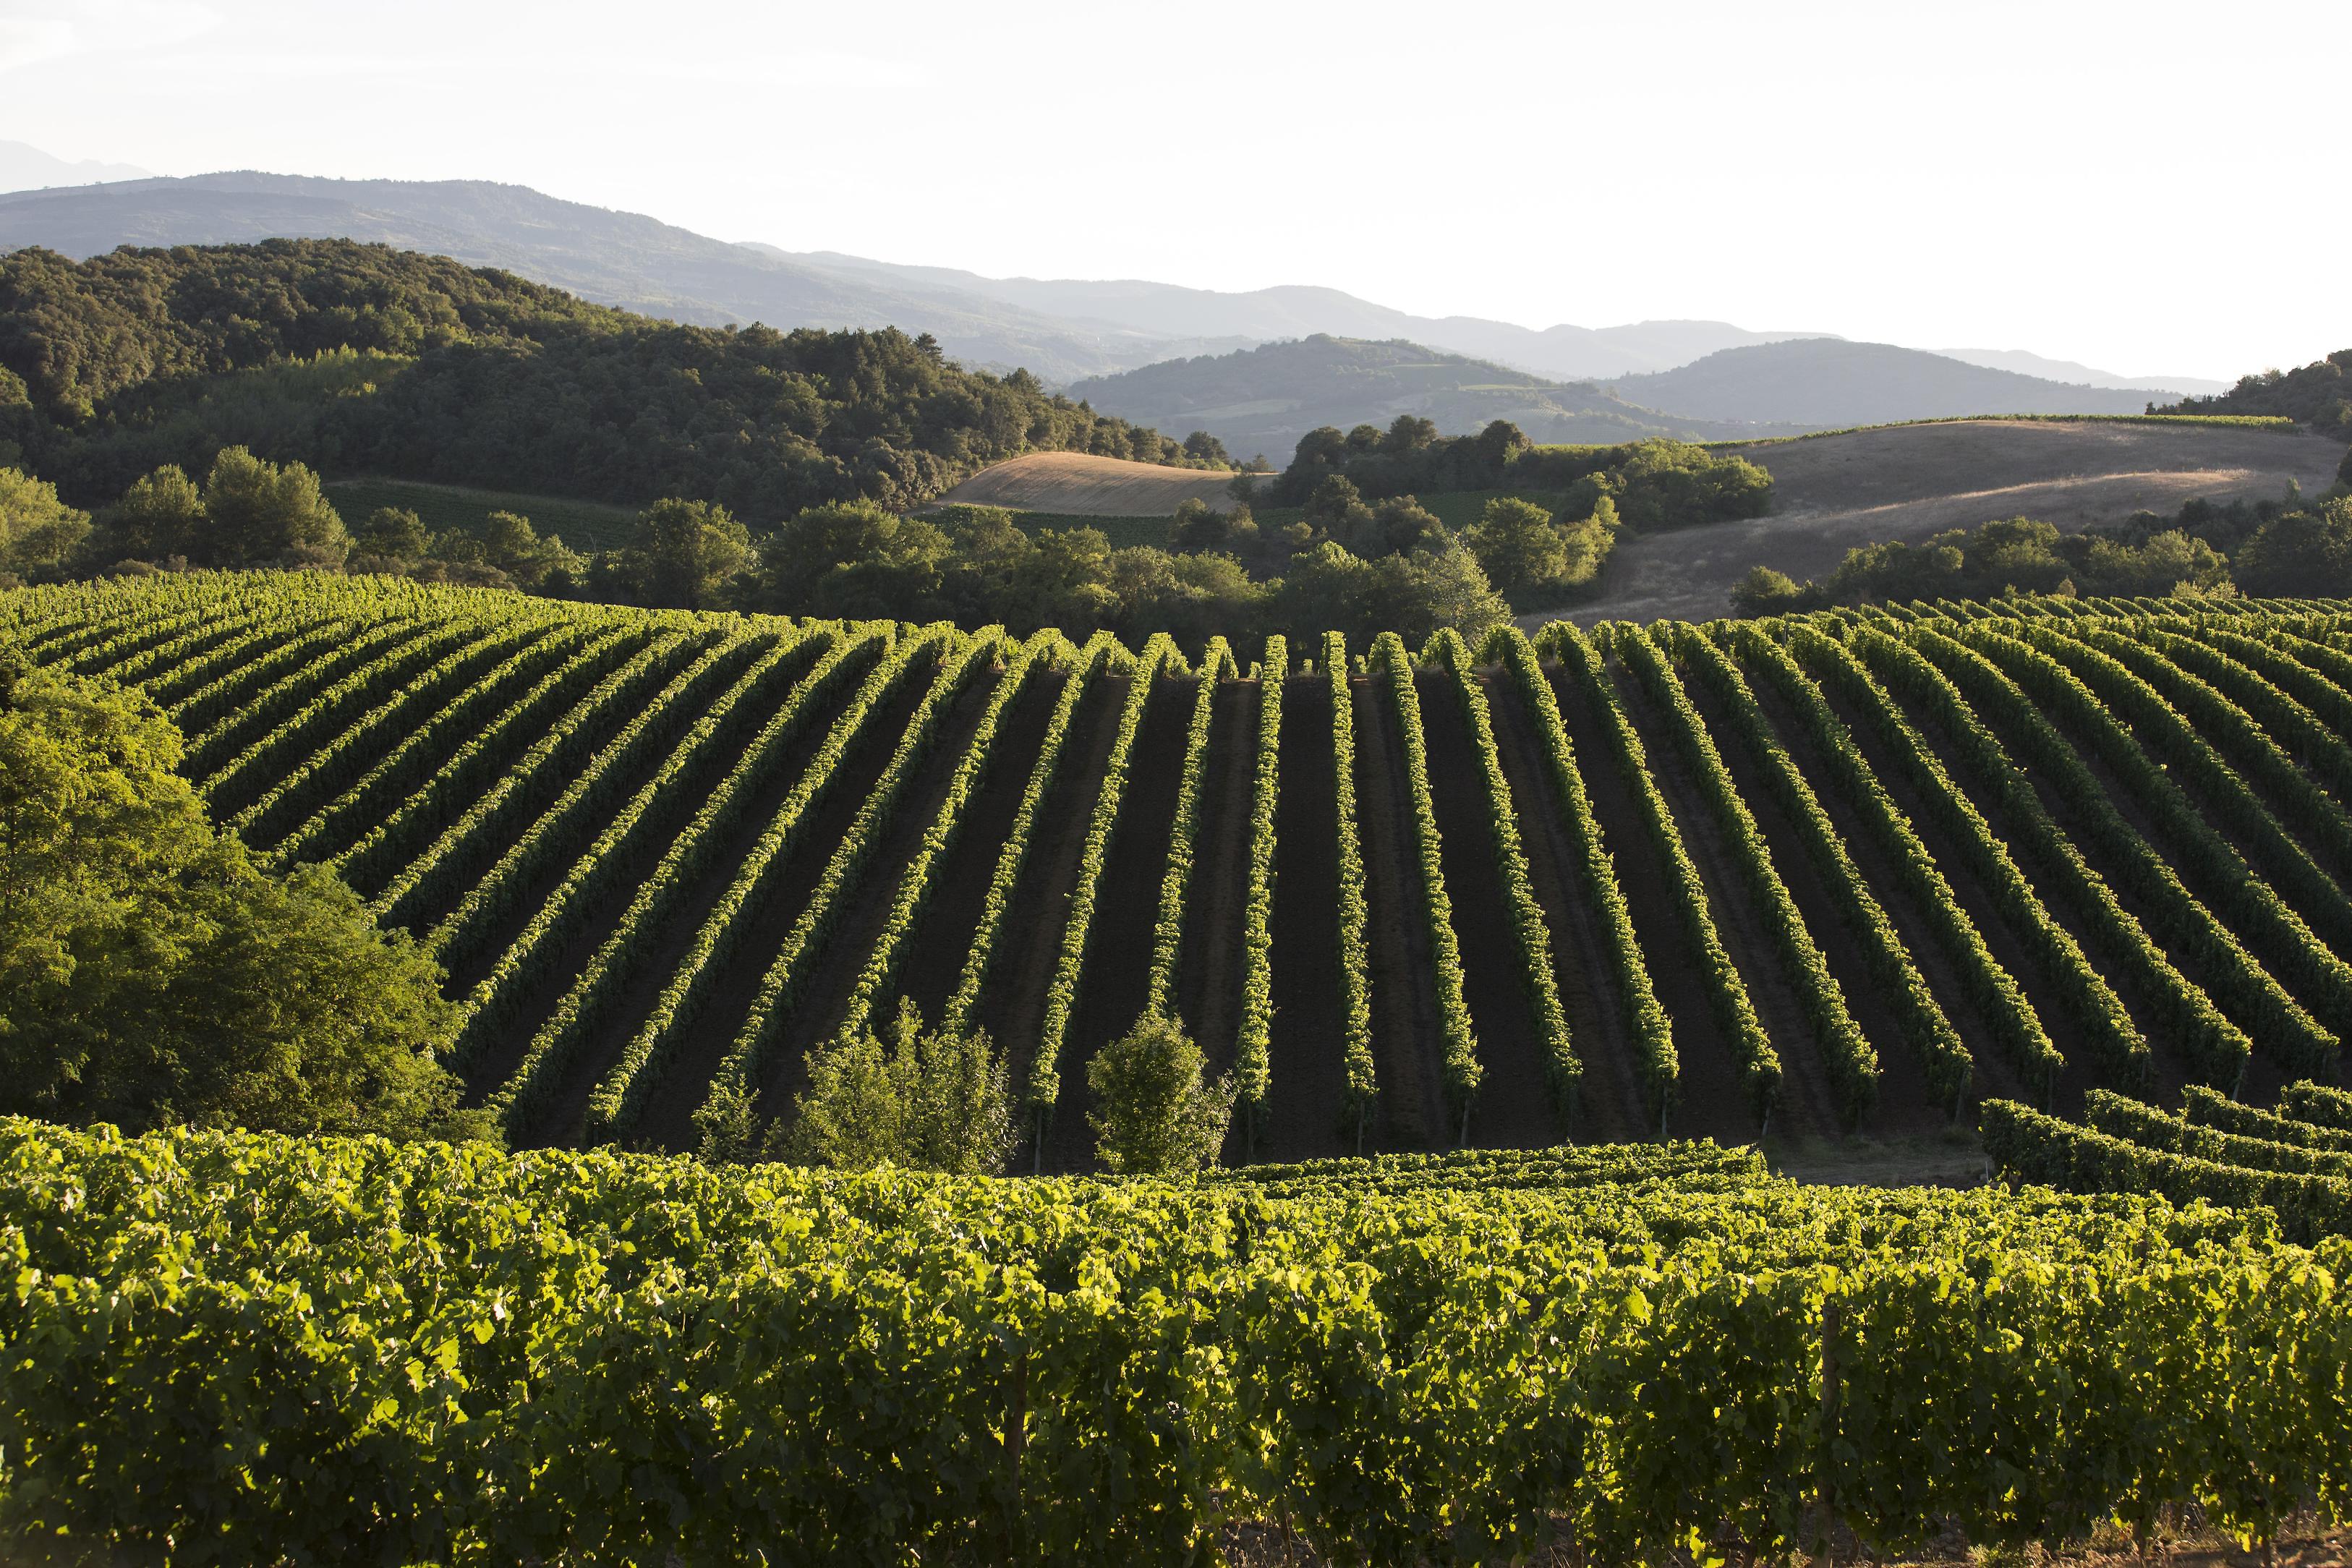 Vue du vignoble Languedoc